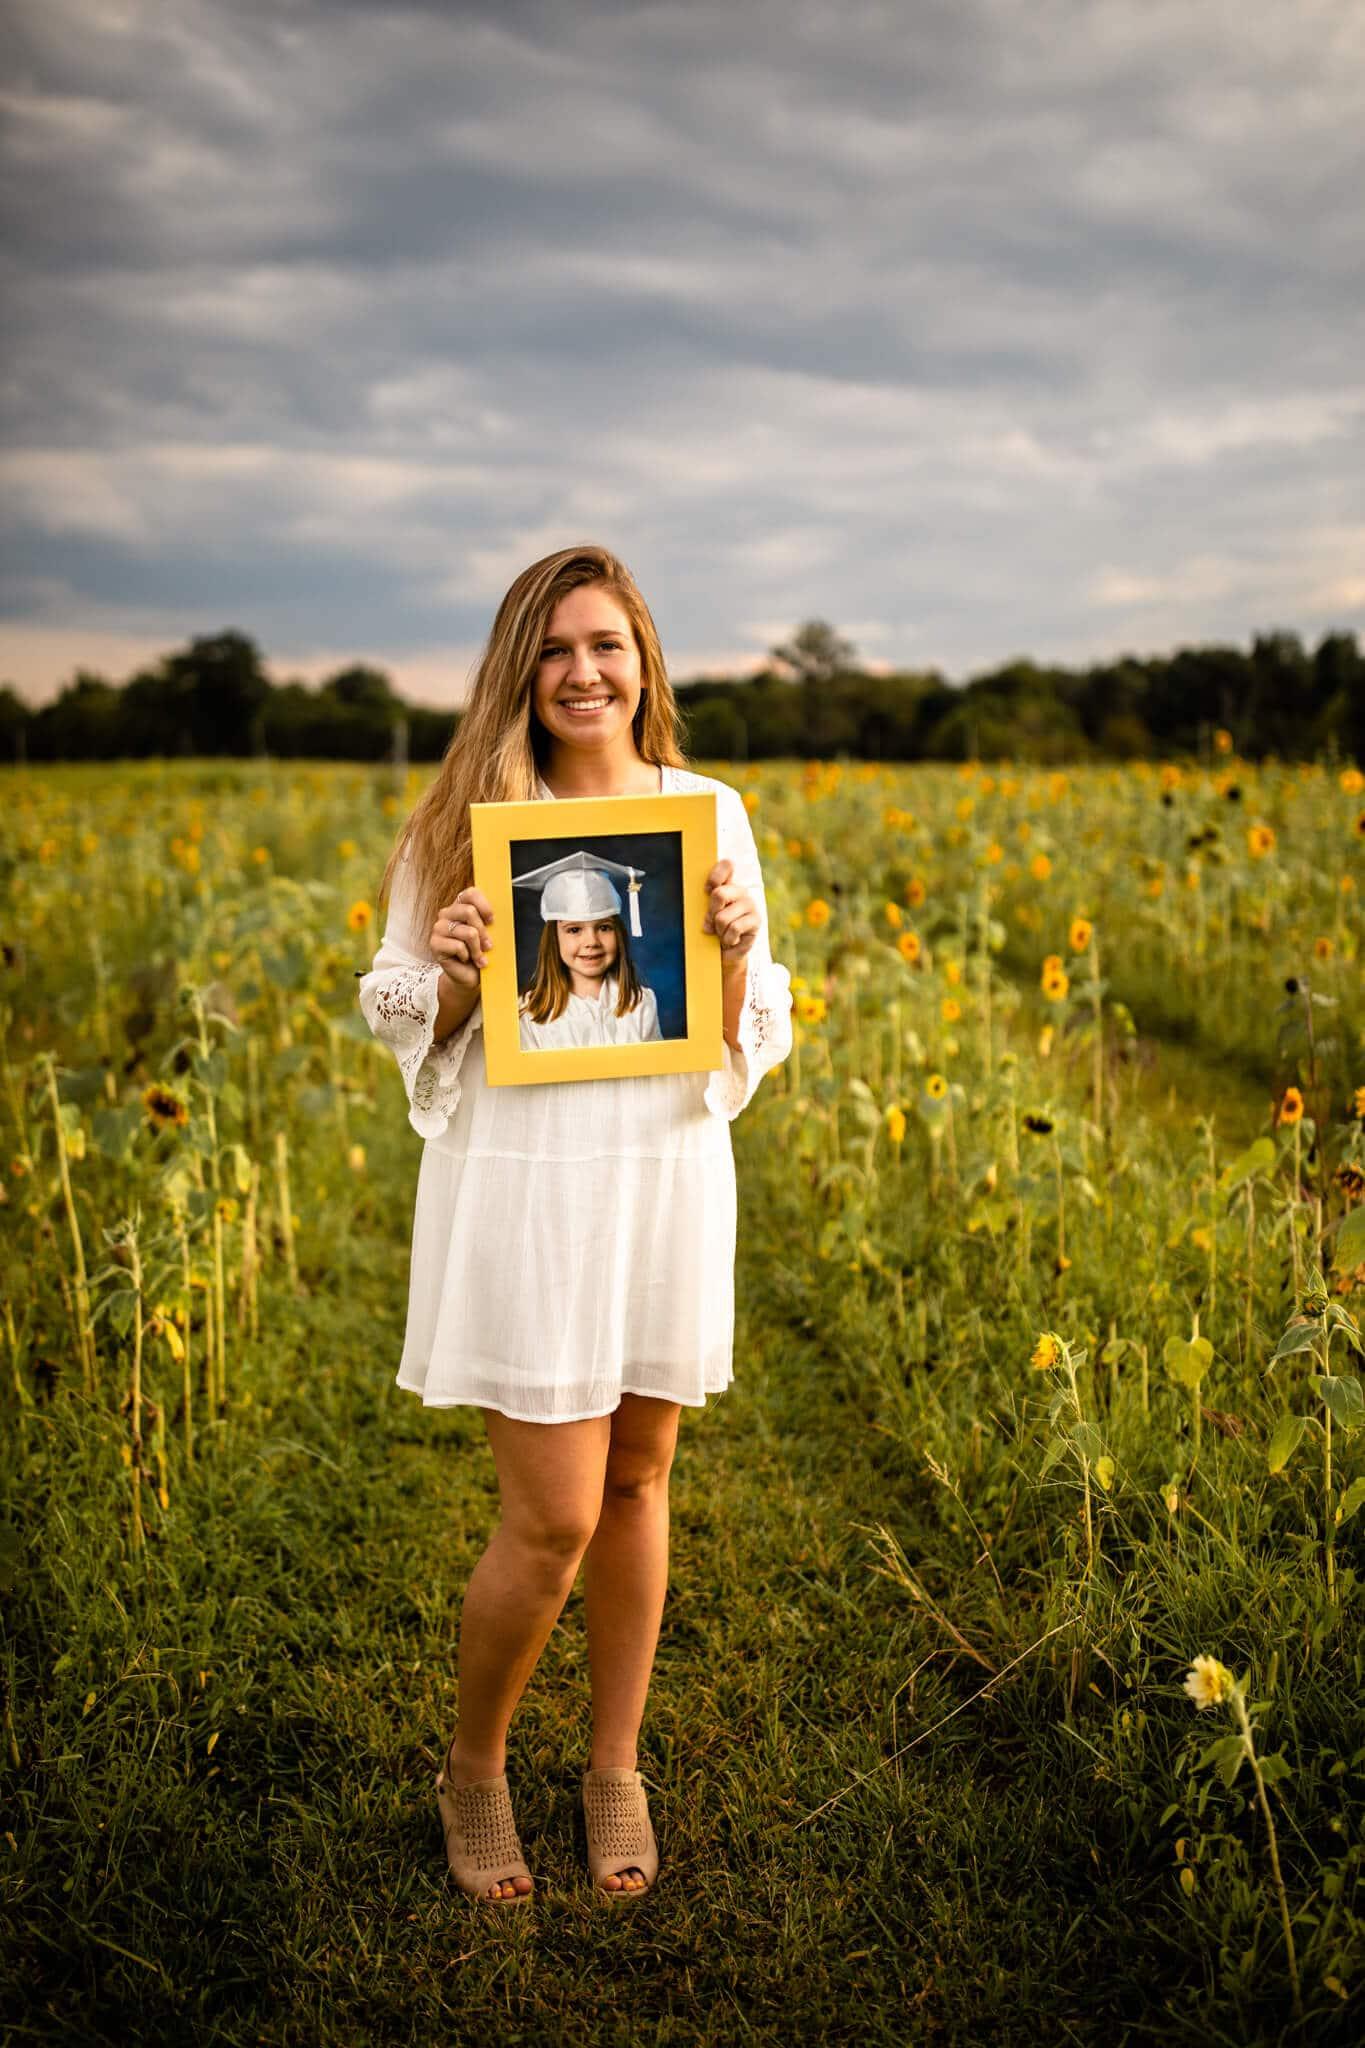 senior girl holds preschool grad photo in sunflower field